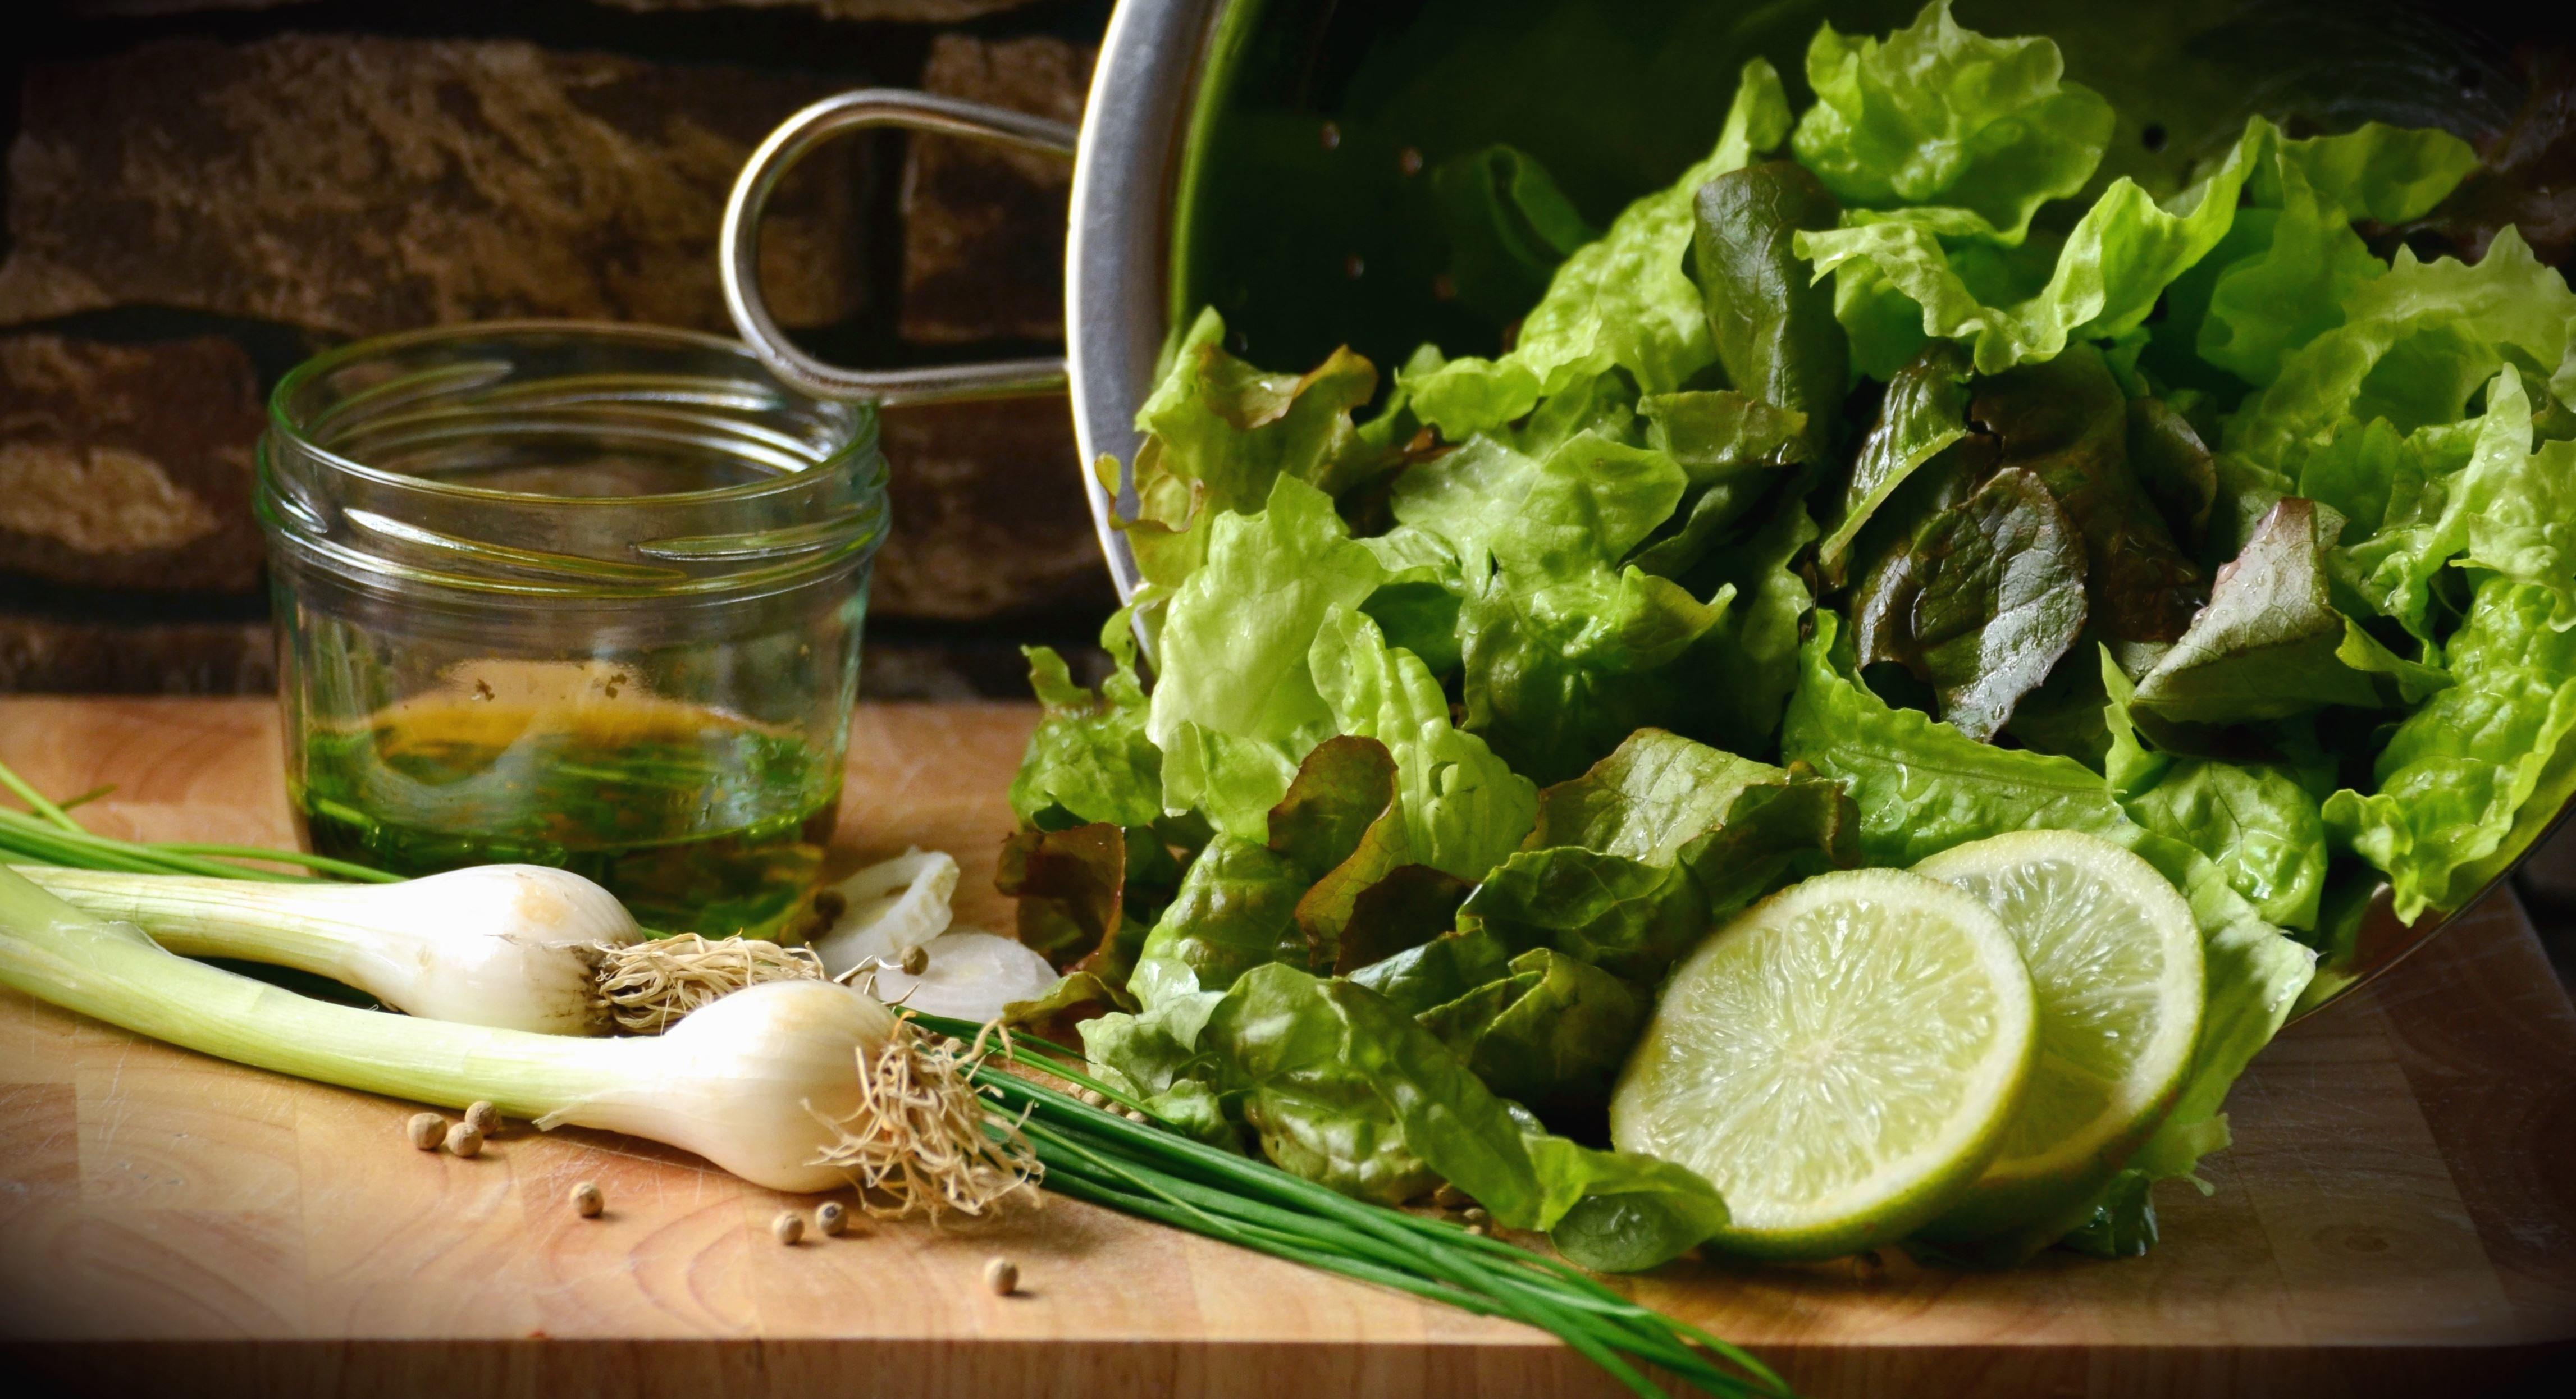 Zitrone Salat Zwiebeln Gemüse Tisch Glas